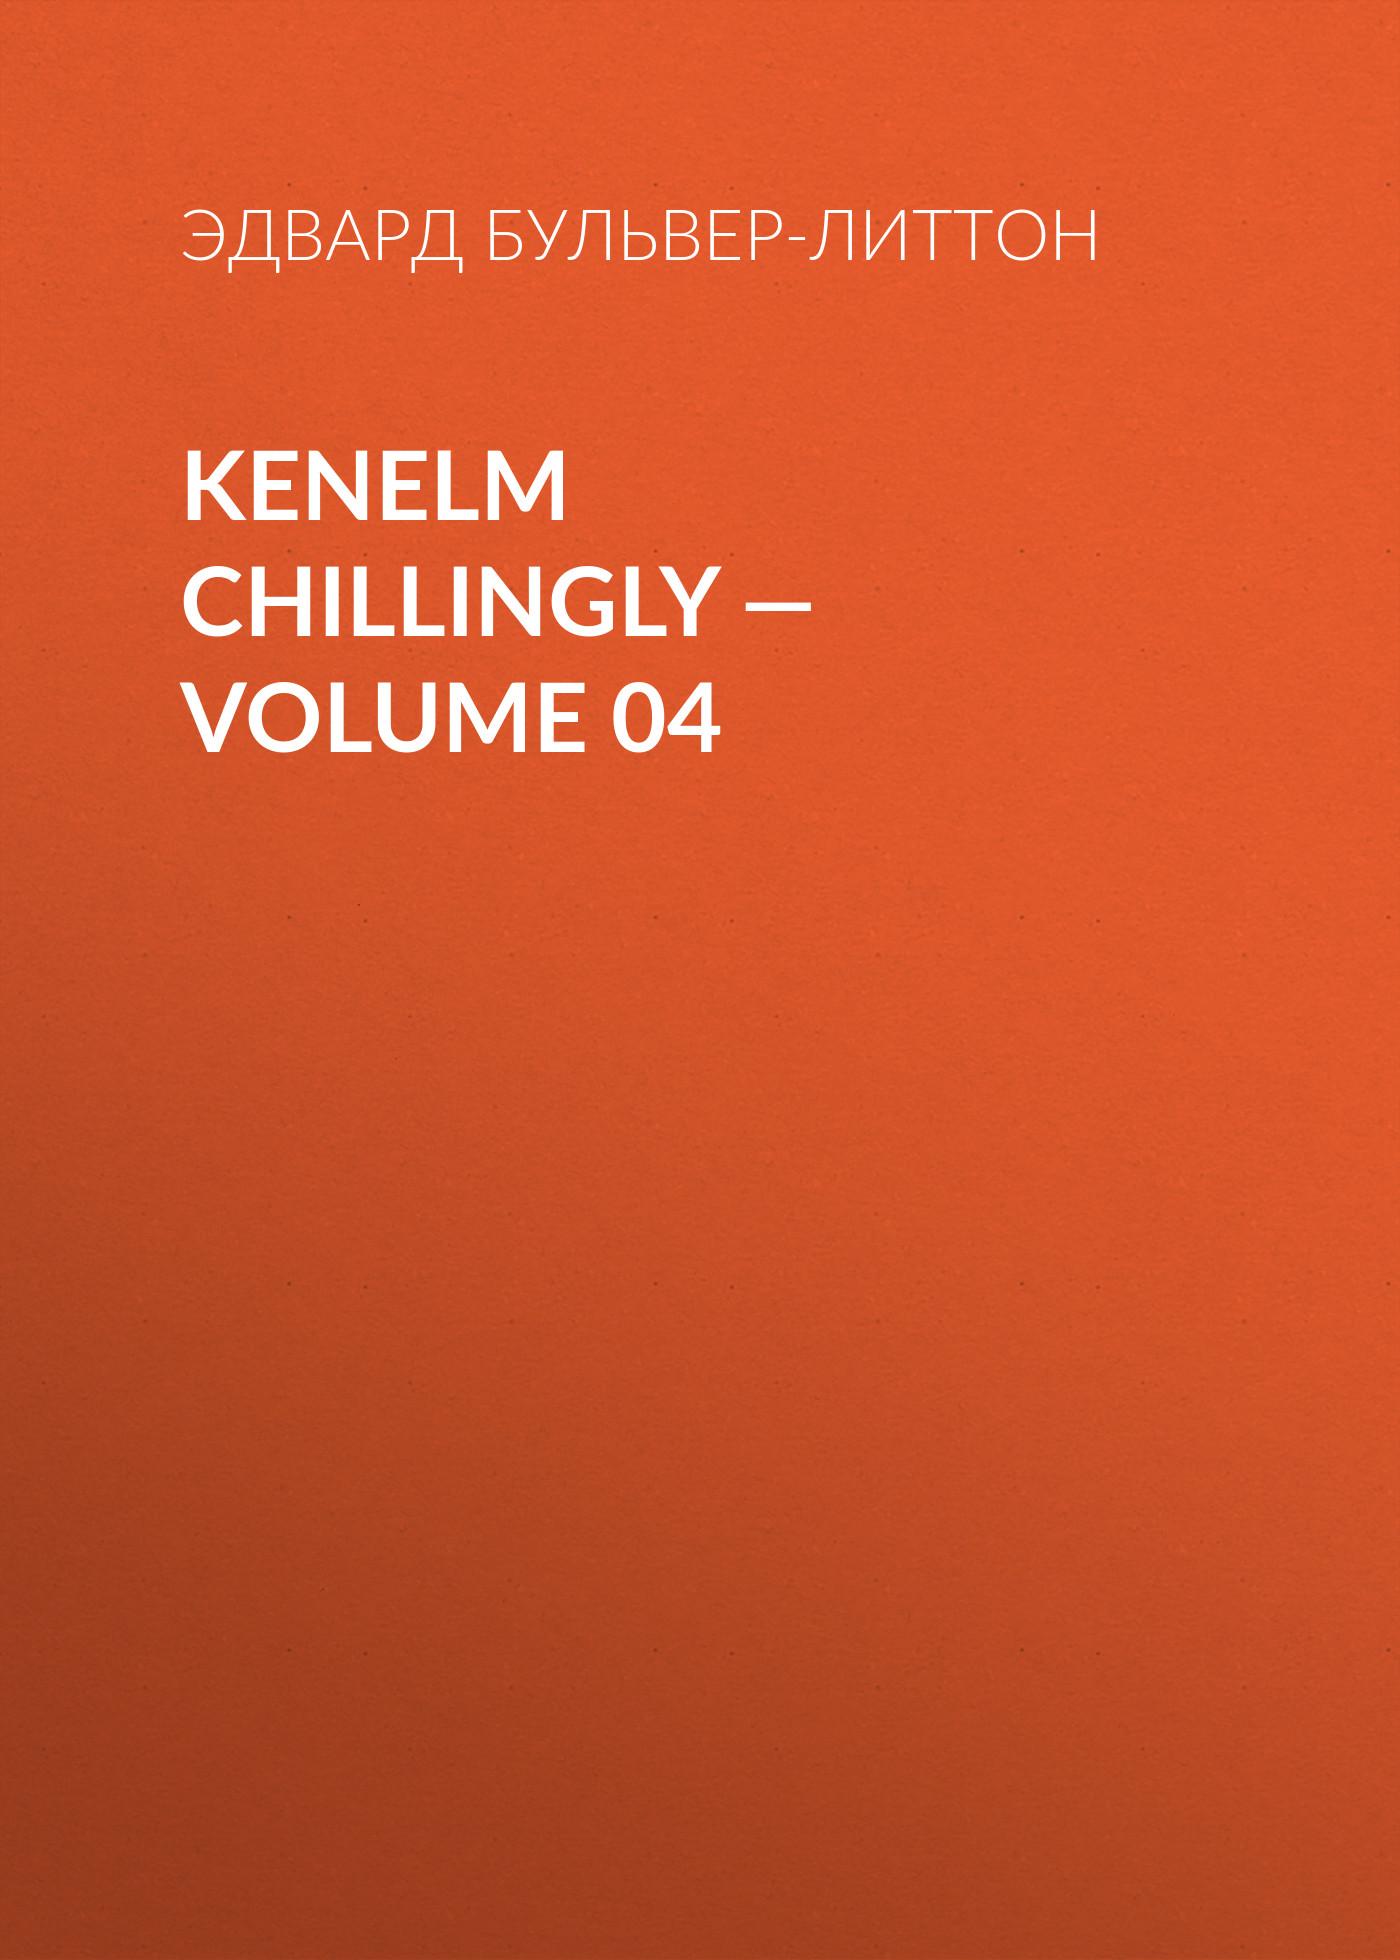 Эдвард Бульвер-Литтон Kenelm Chillingly — Volume 04 эдвард бульвер литтон ernest maltravers volume 04